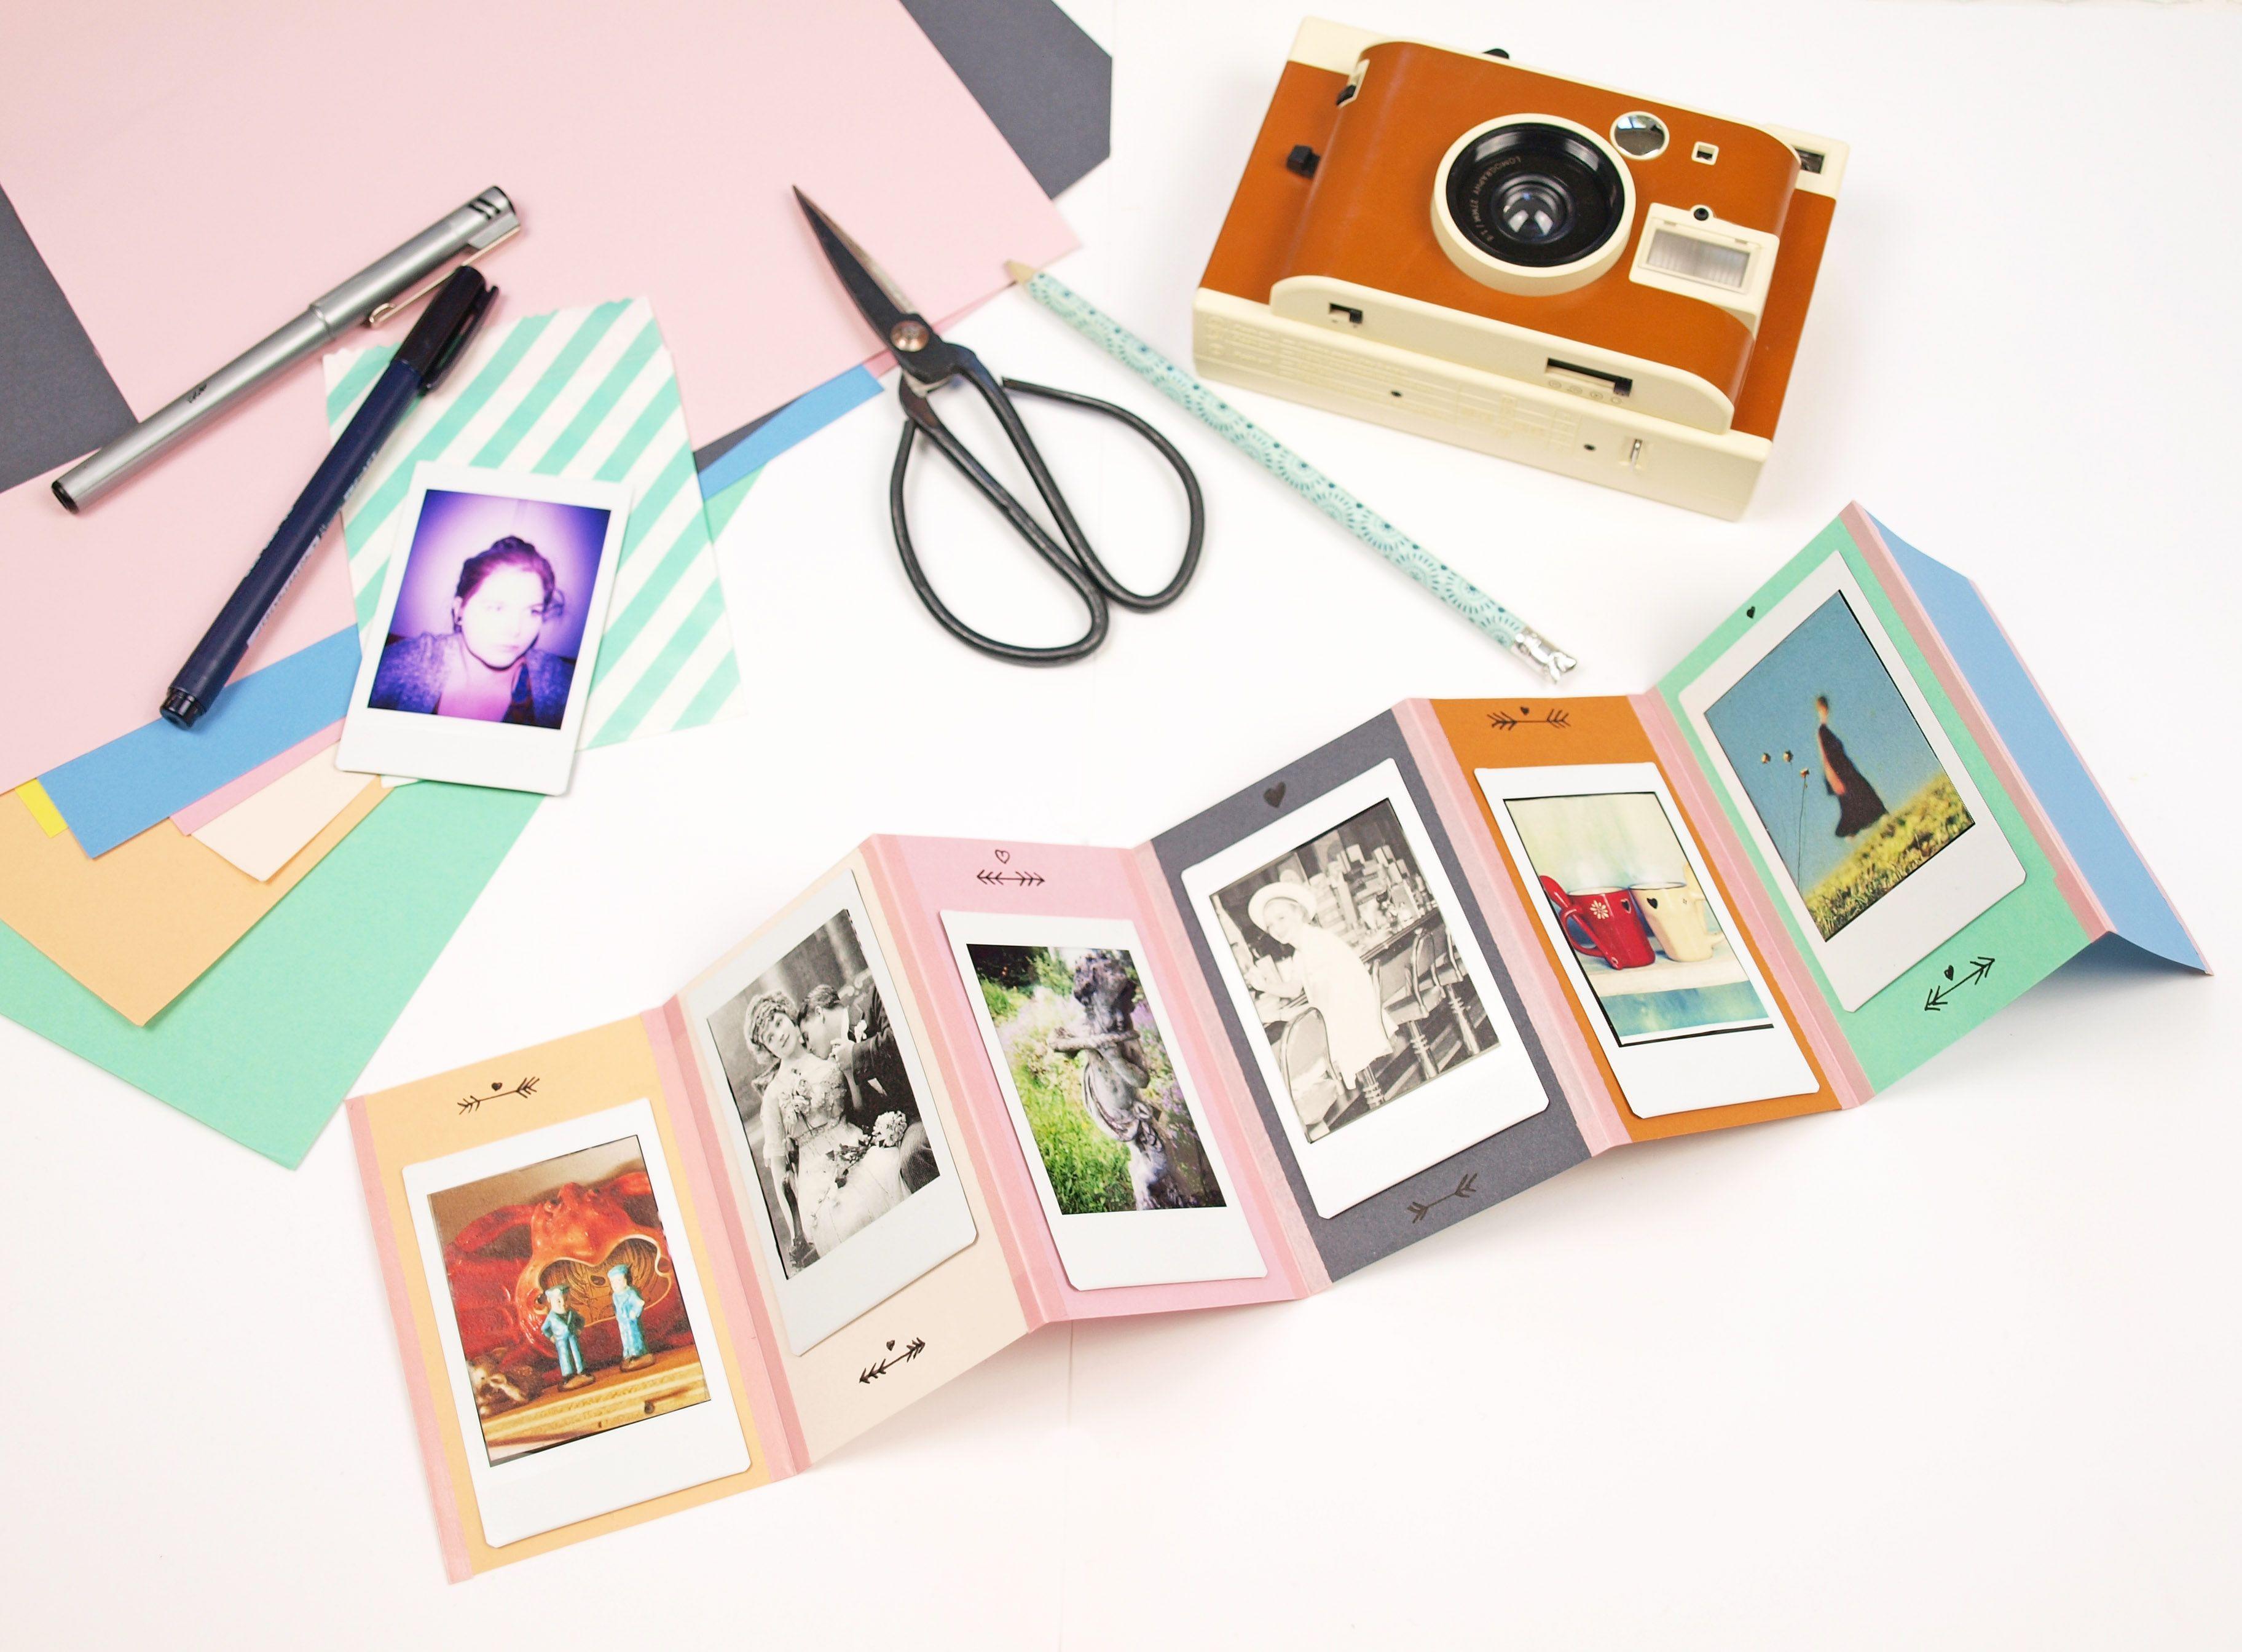 geschenkidee diy foto leporello und lomo instant kamera leporello geschenkideen und fotos. Black Bedroom Furniture Sets. Home Design Ideas